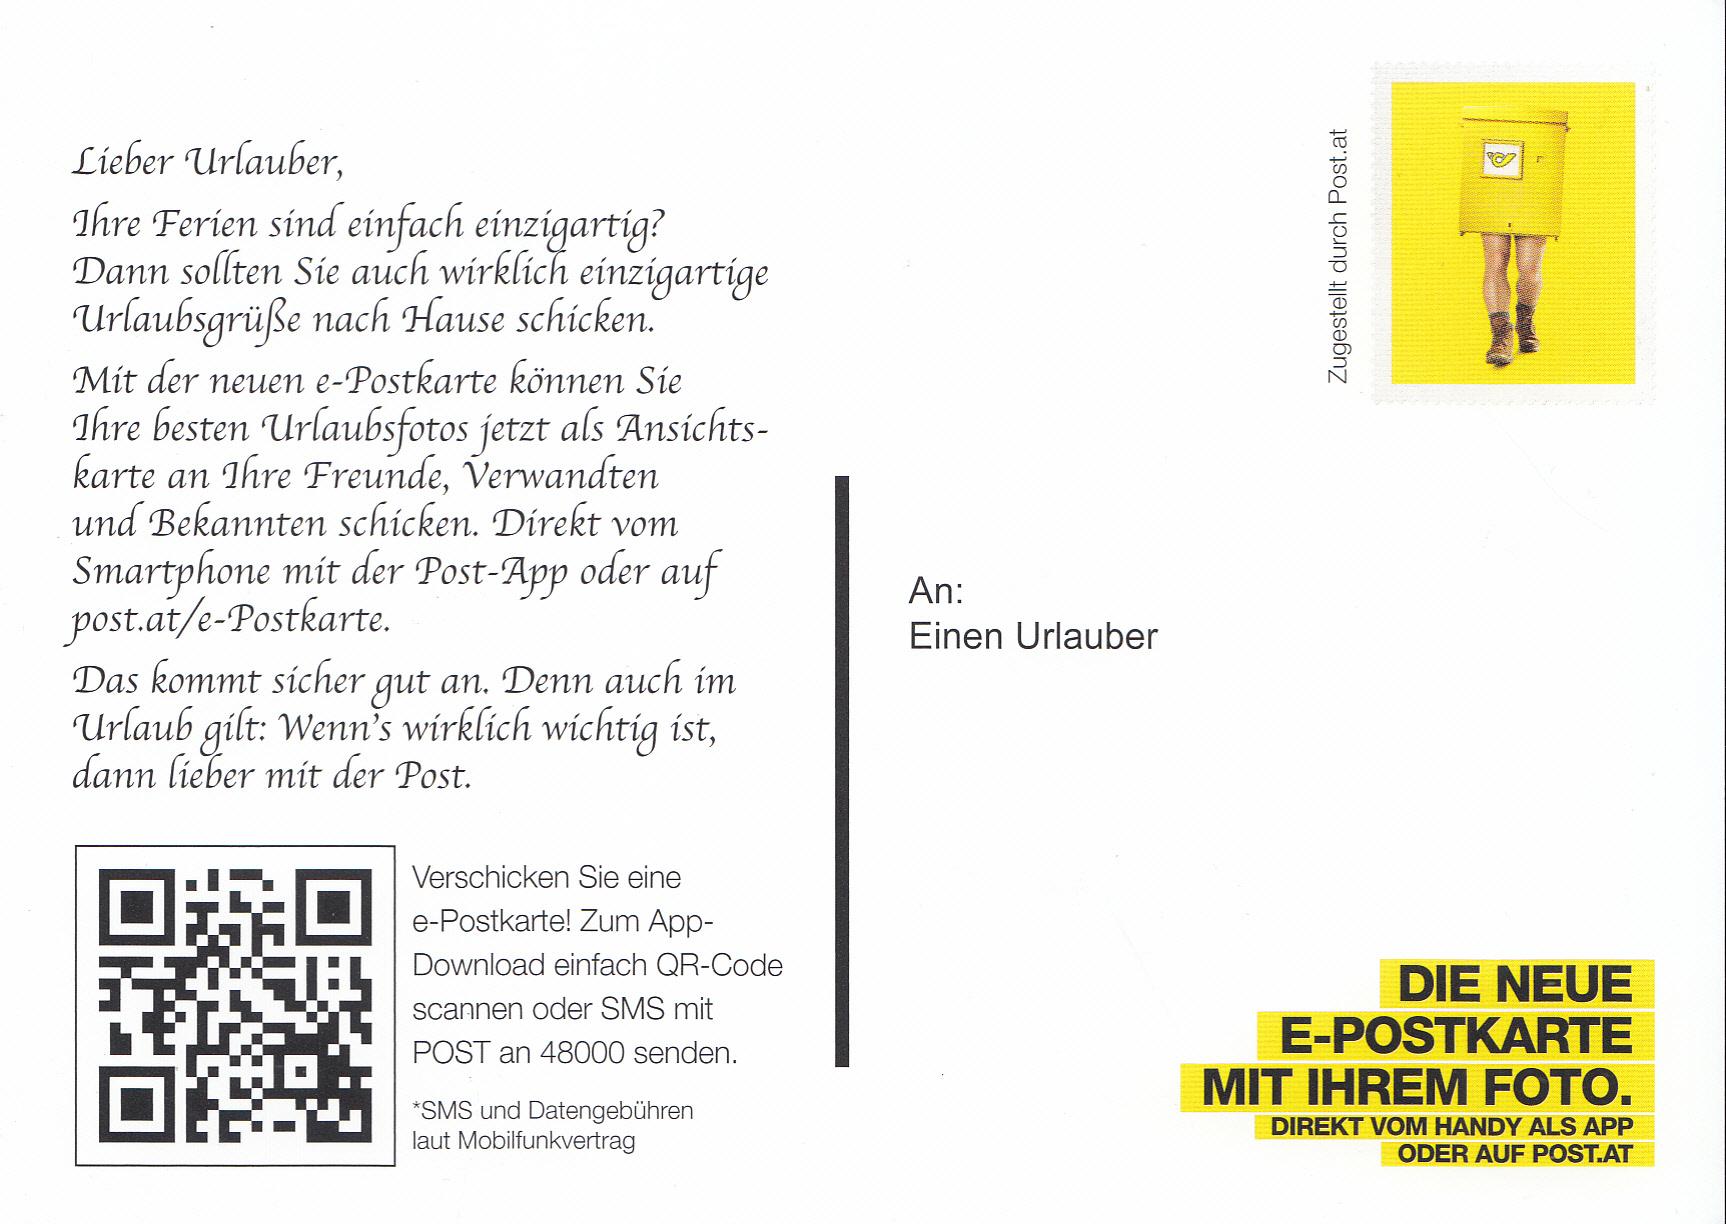 Postdienst – Service des postes - Postdienstkarten - Österreich Img_0279